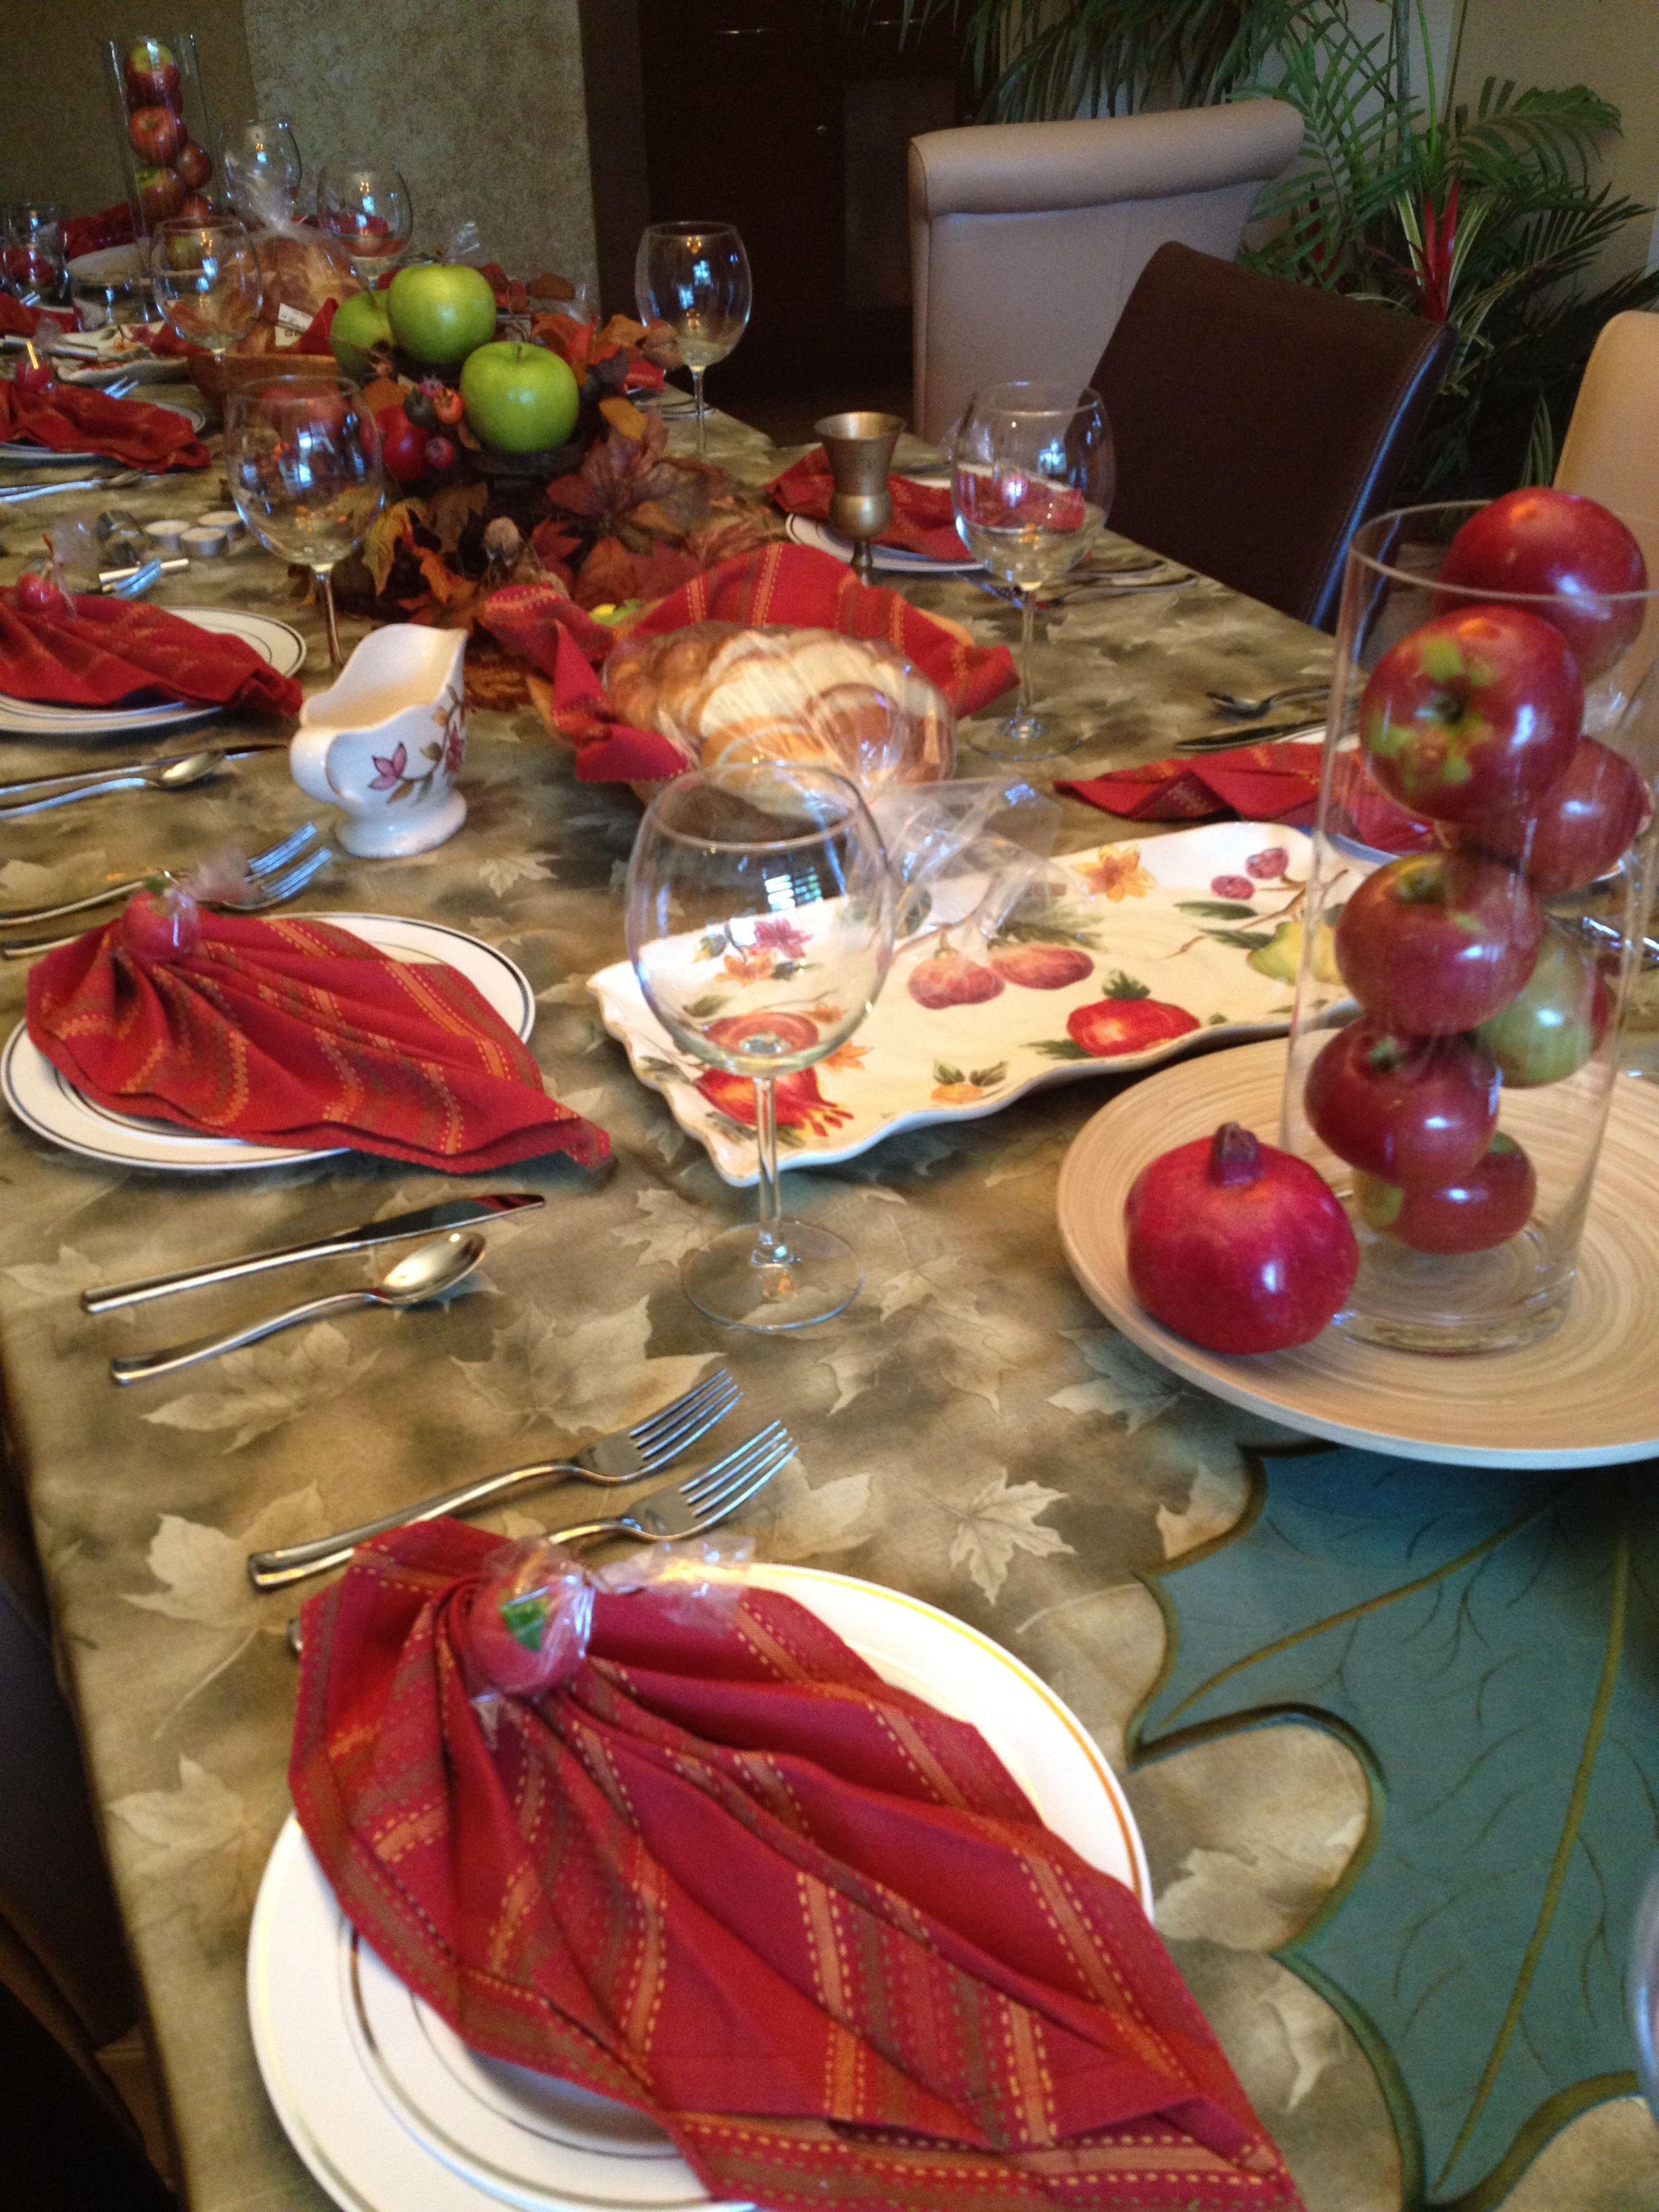 Table setting for rosh hashanah rosh hashanah pinterest table setting for rosh hashanah kristyandbryce Images